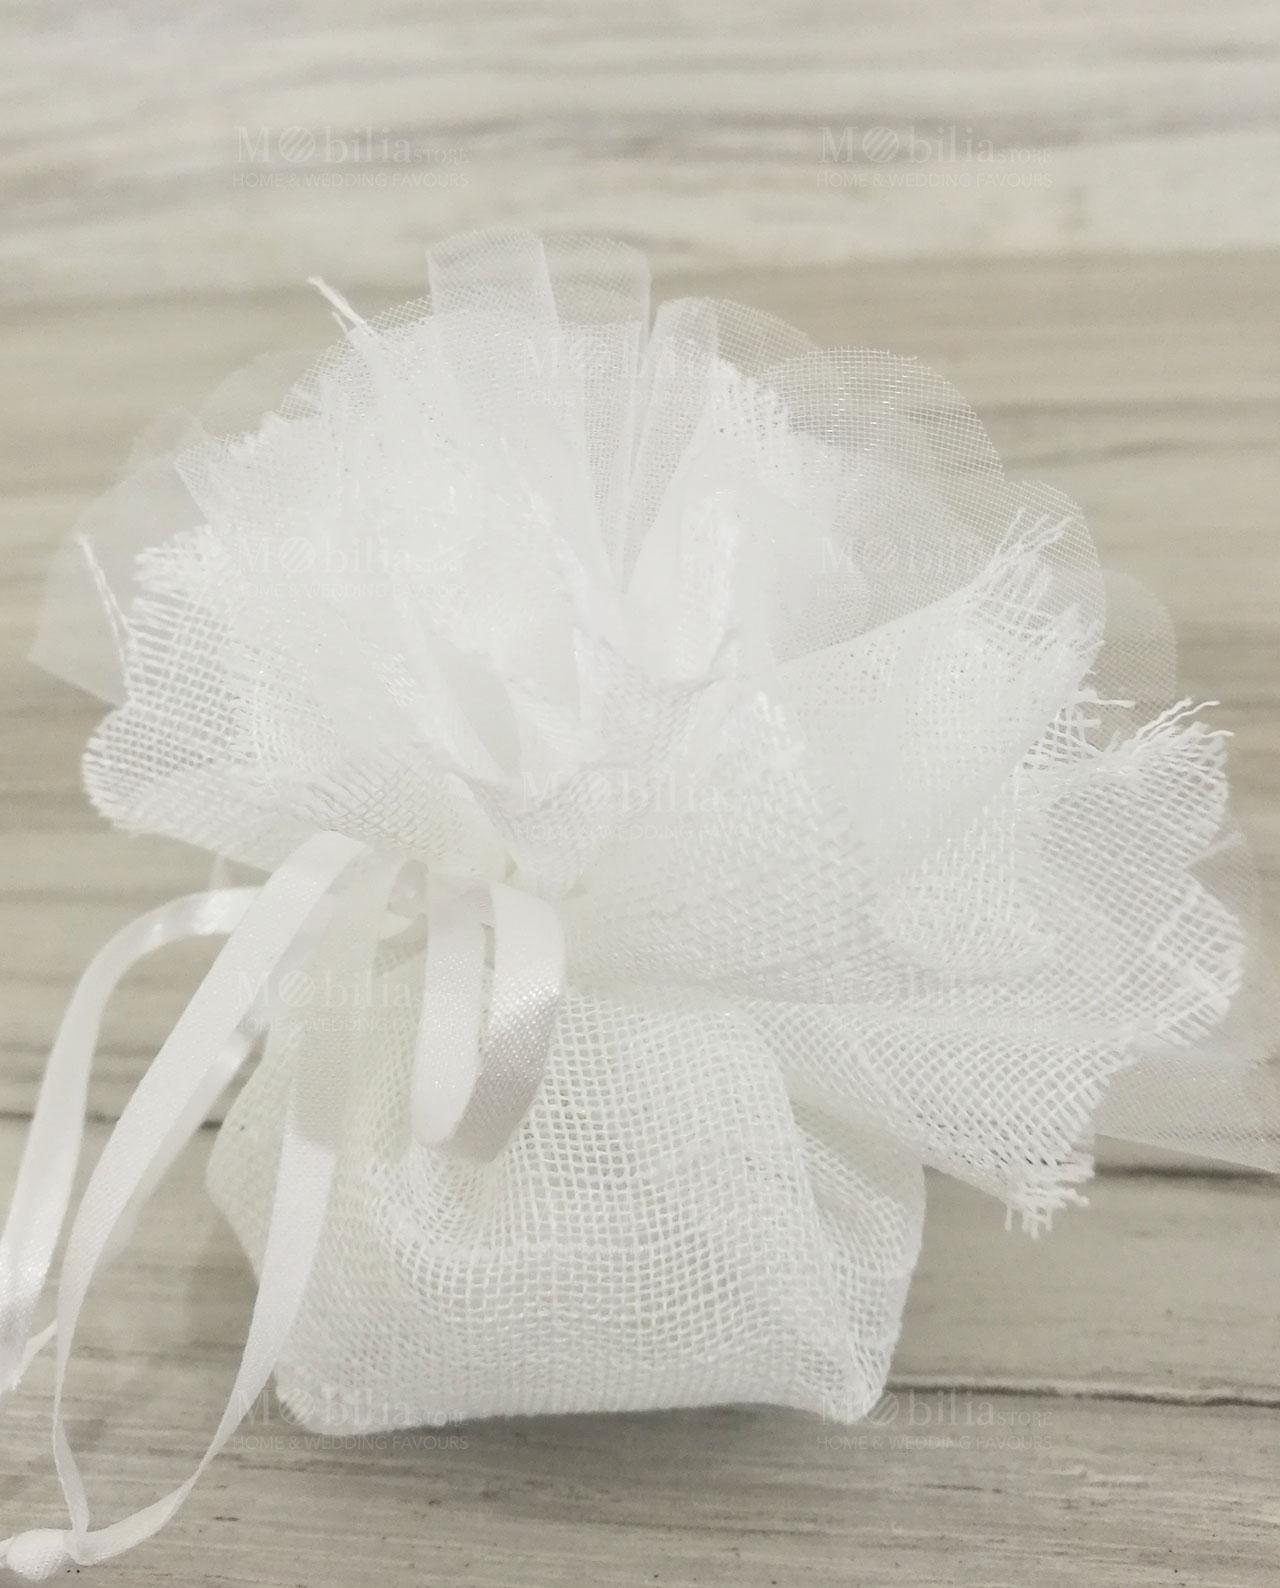 Sacchetto coton juta bordo sfrangiato bianco mobilia for Mobilia store